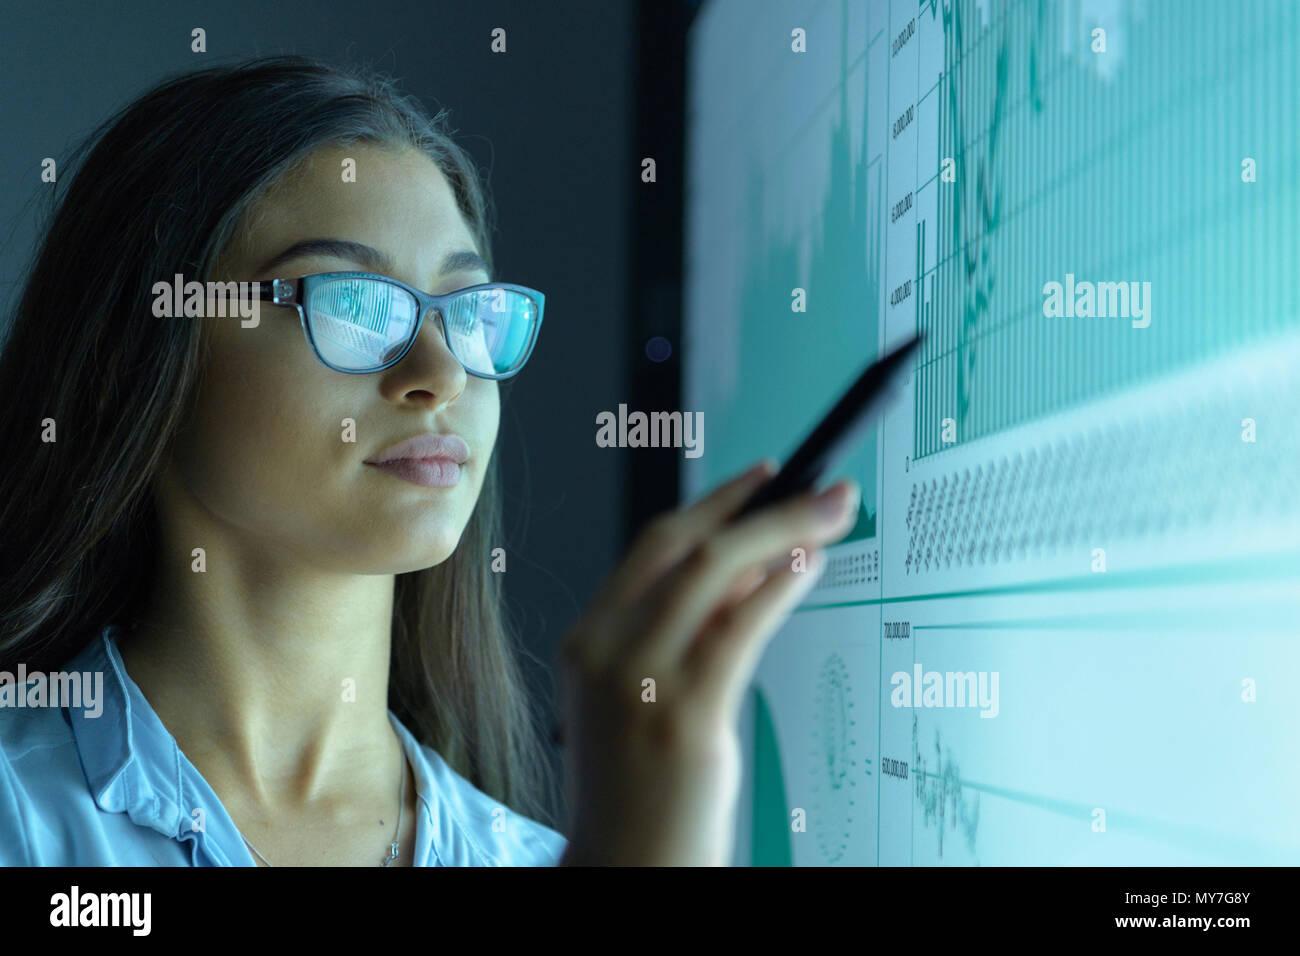 Businesswoman étudier les graphiques sur un écran interactif en réunion d'affaires Photo Stock